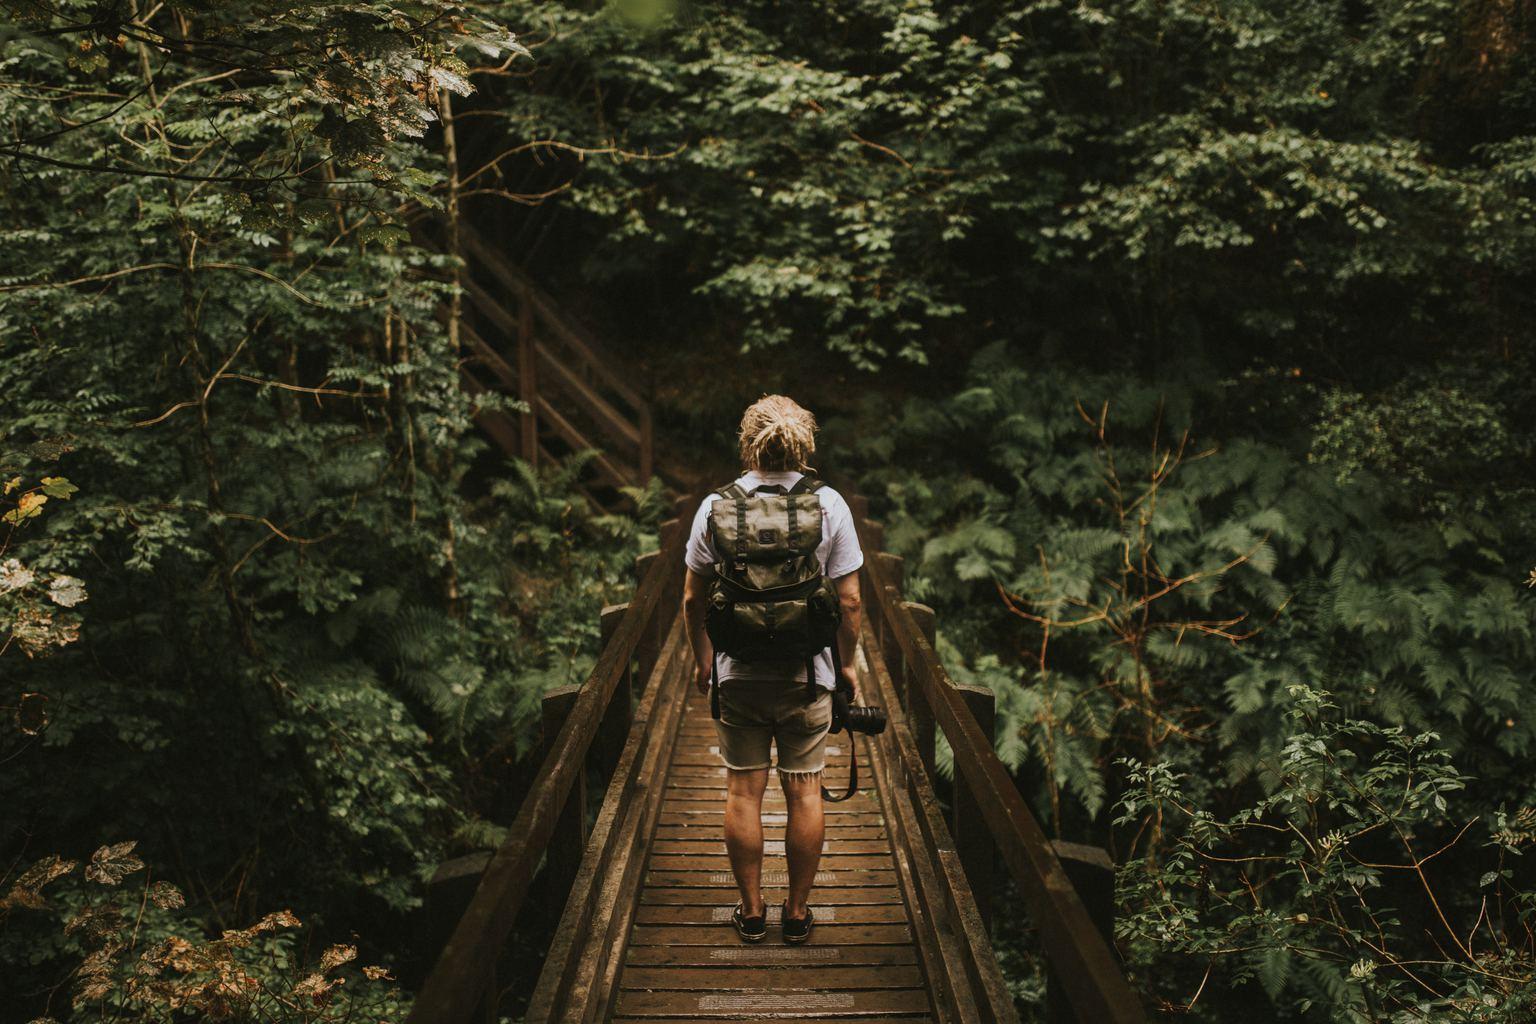 Fotografía de un fotógrafo en la selva